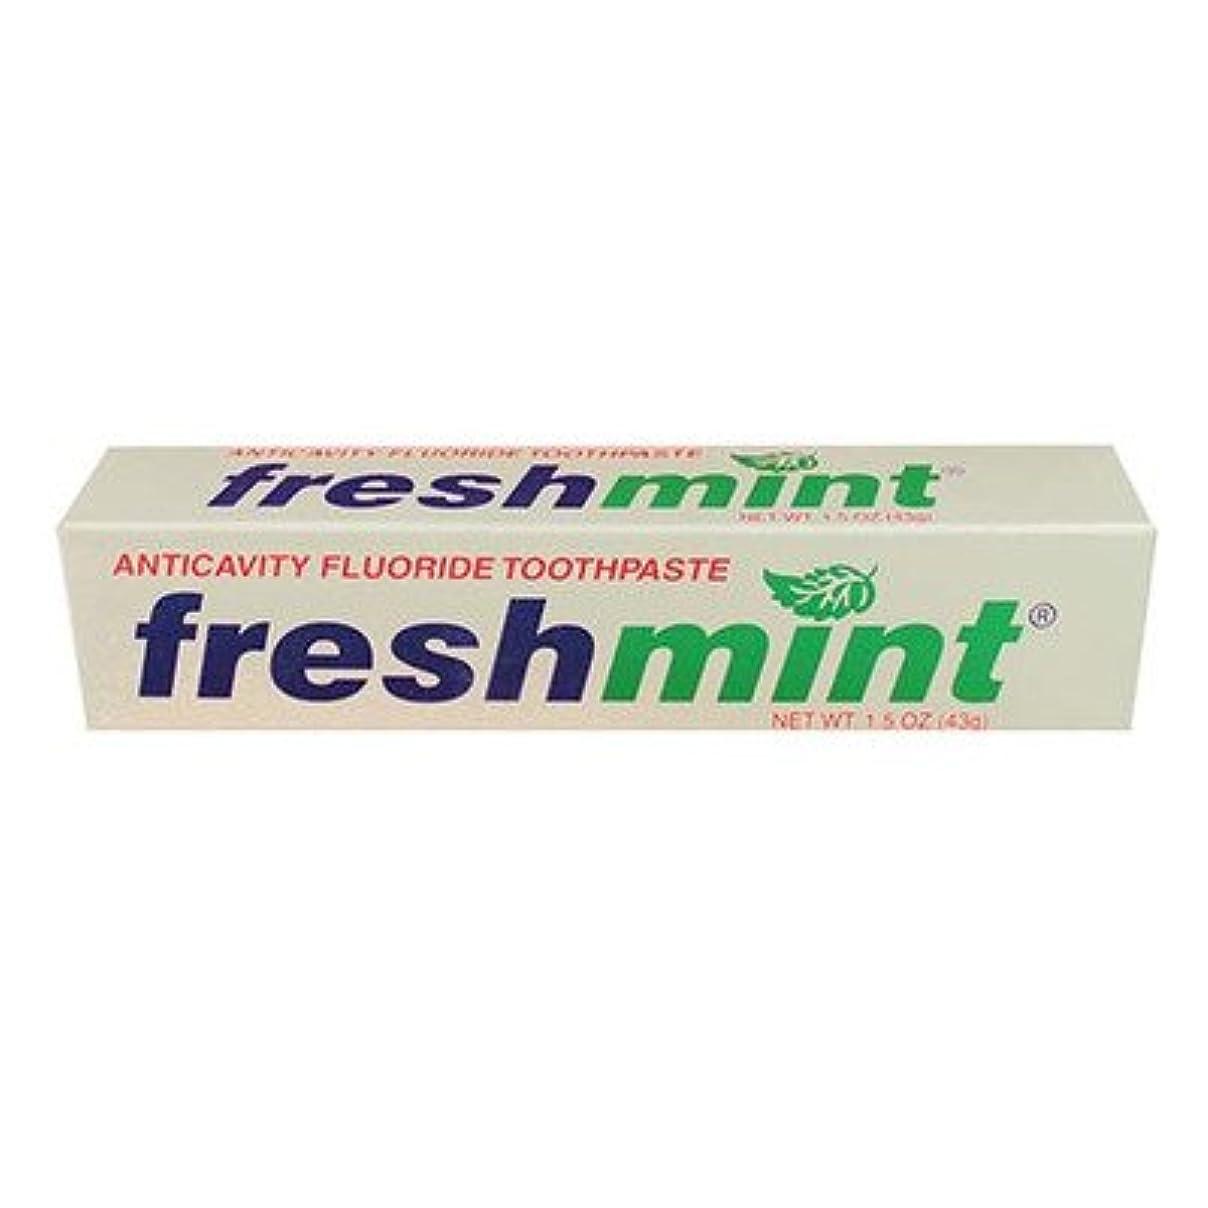 処方するトロイの木馬シーサイドFreshmint Fluoride Toothpaste, 1.5 oz (Case of 144) by Freshmint